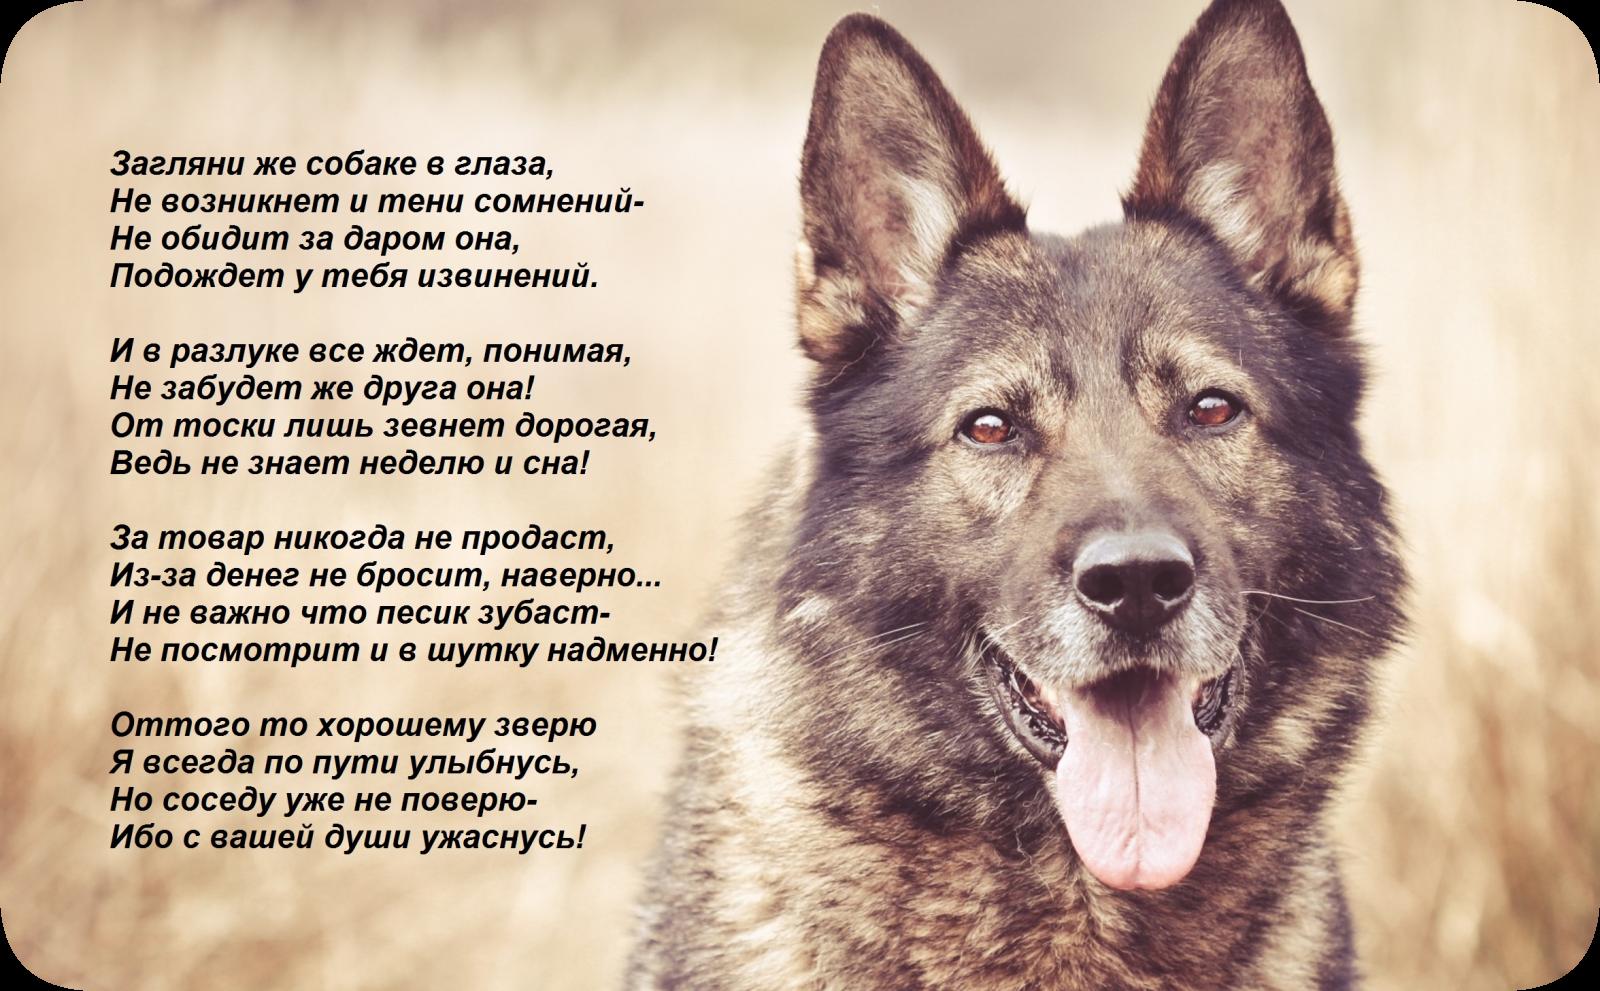 Открытки про собак со стихами, днем рождения женщине